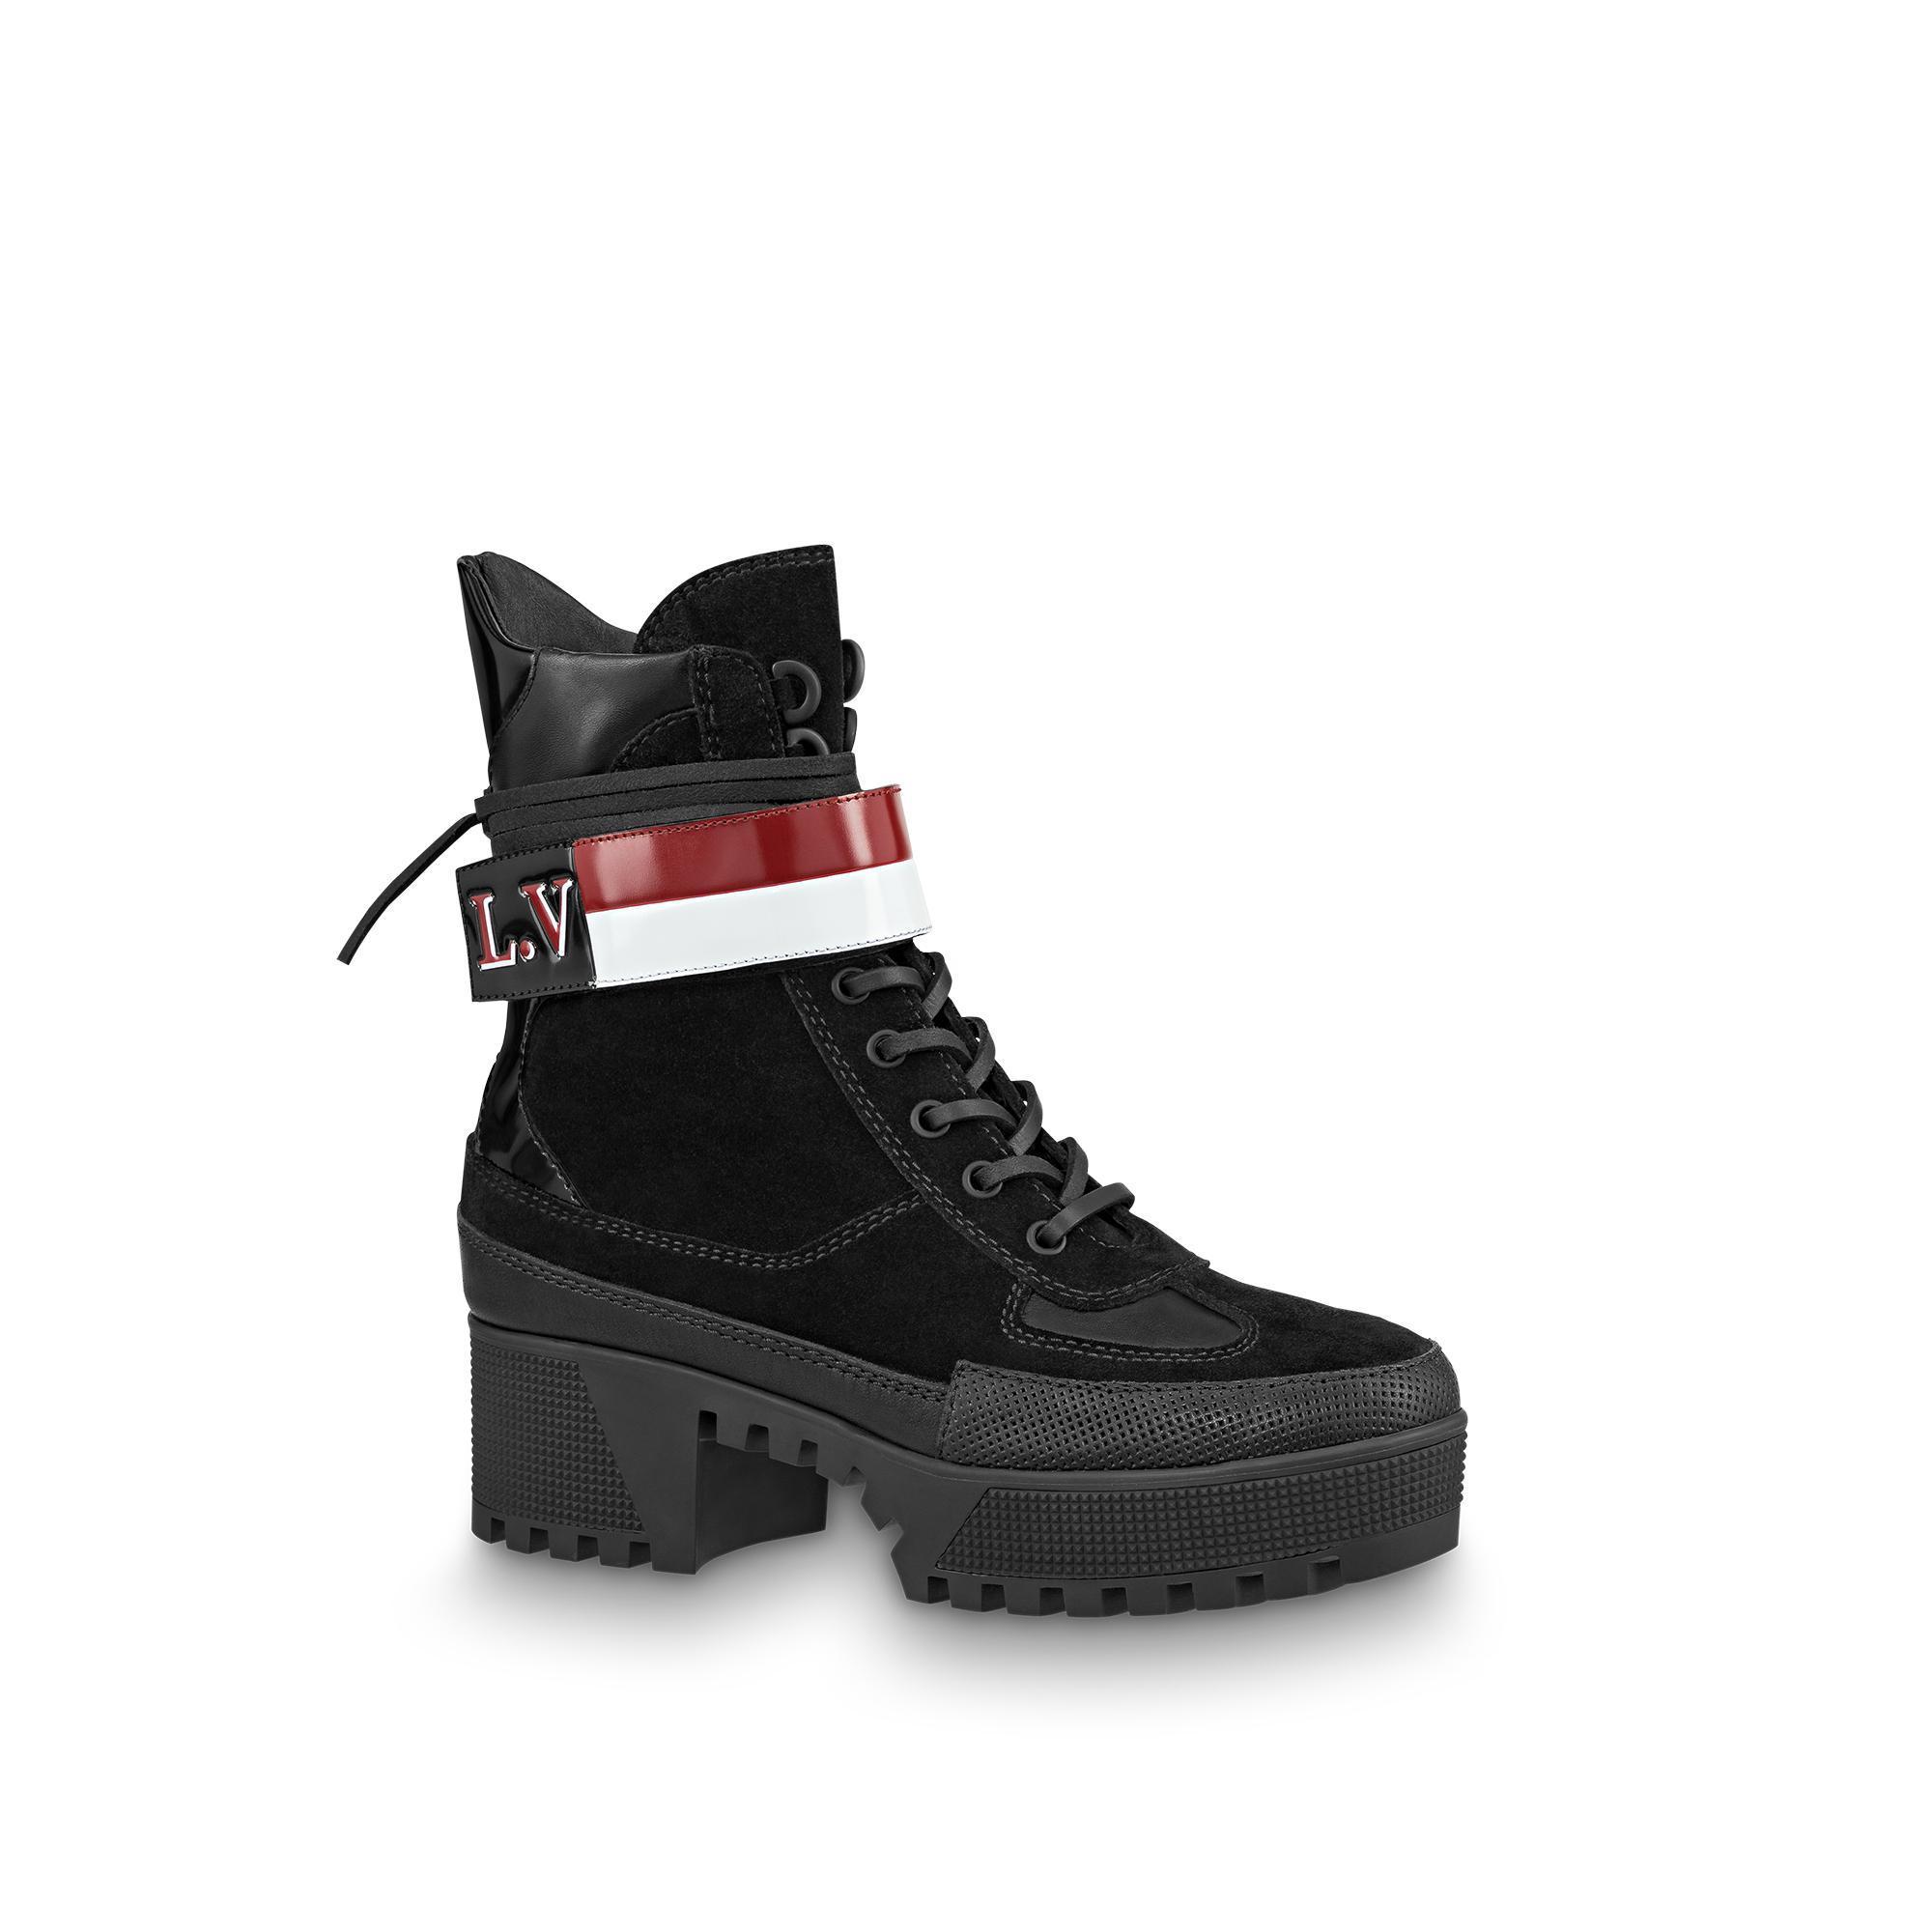 73b6a845b41c Louis Vuitton Laureate Platform Desert Boot